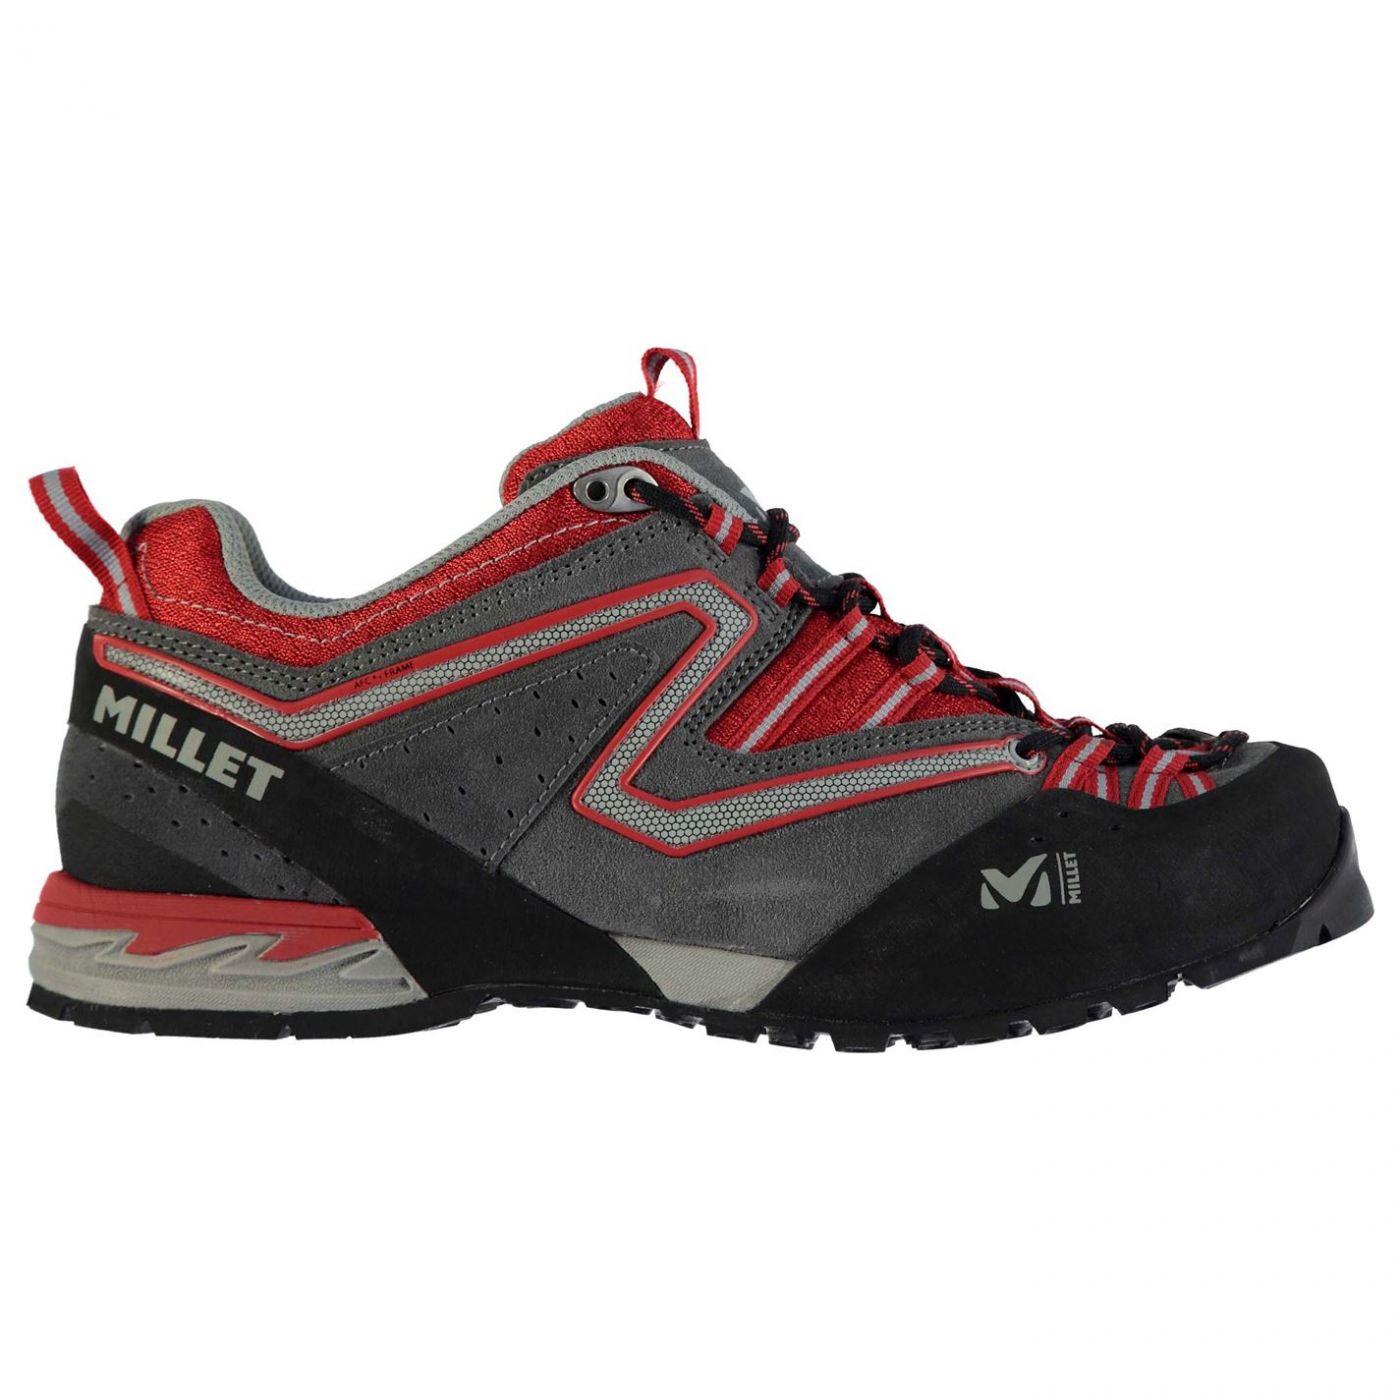 Millet Rockrise Hiking Shoes Mens